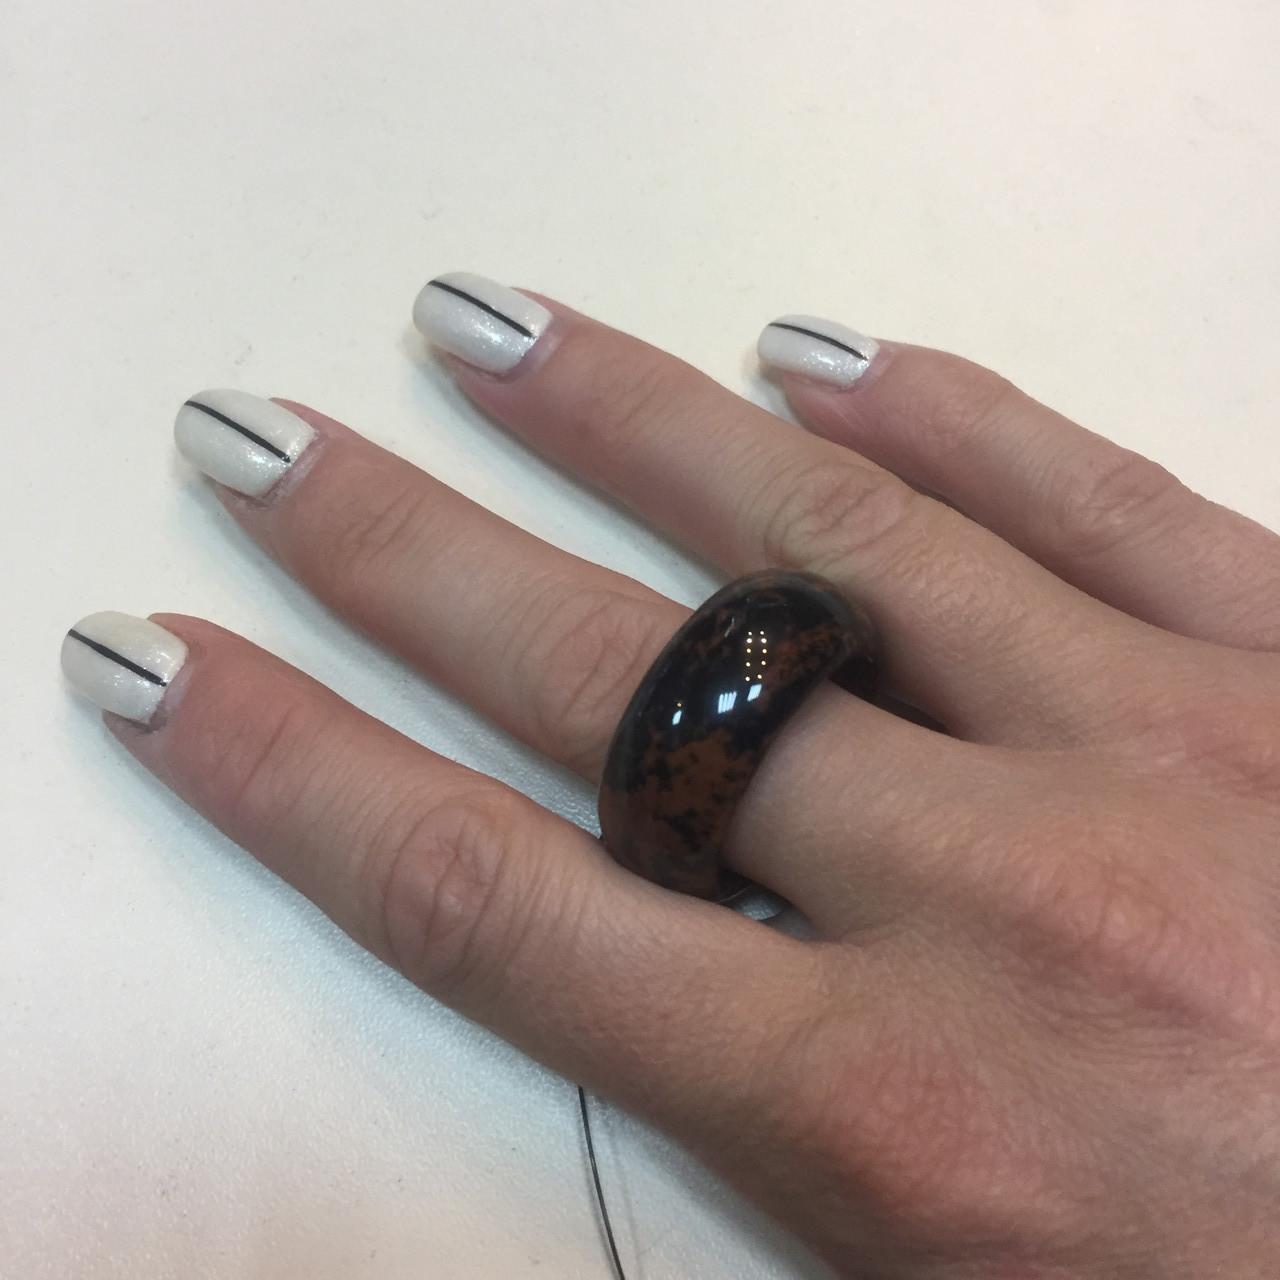 Обсидиан кольцо с обсидианом. Цельный обсидиан размер 22